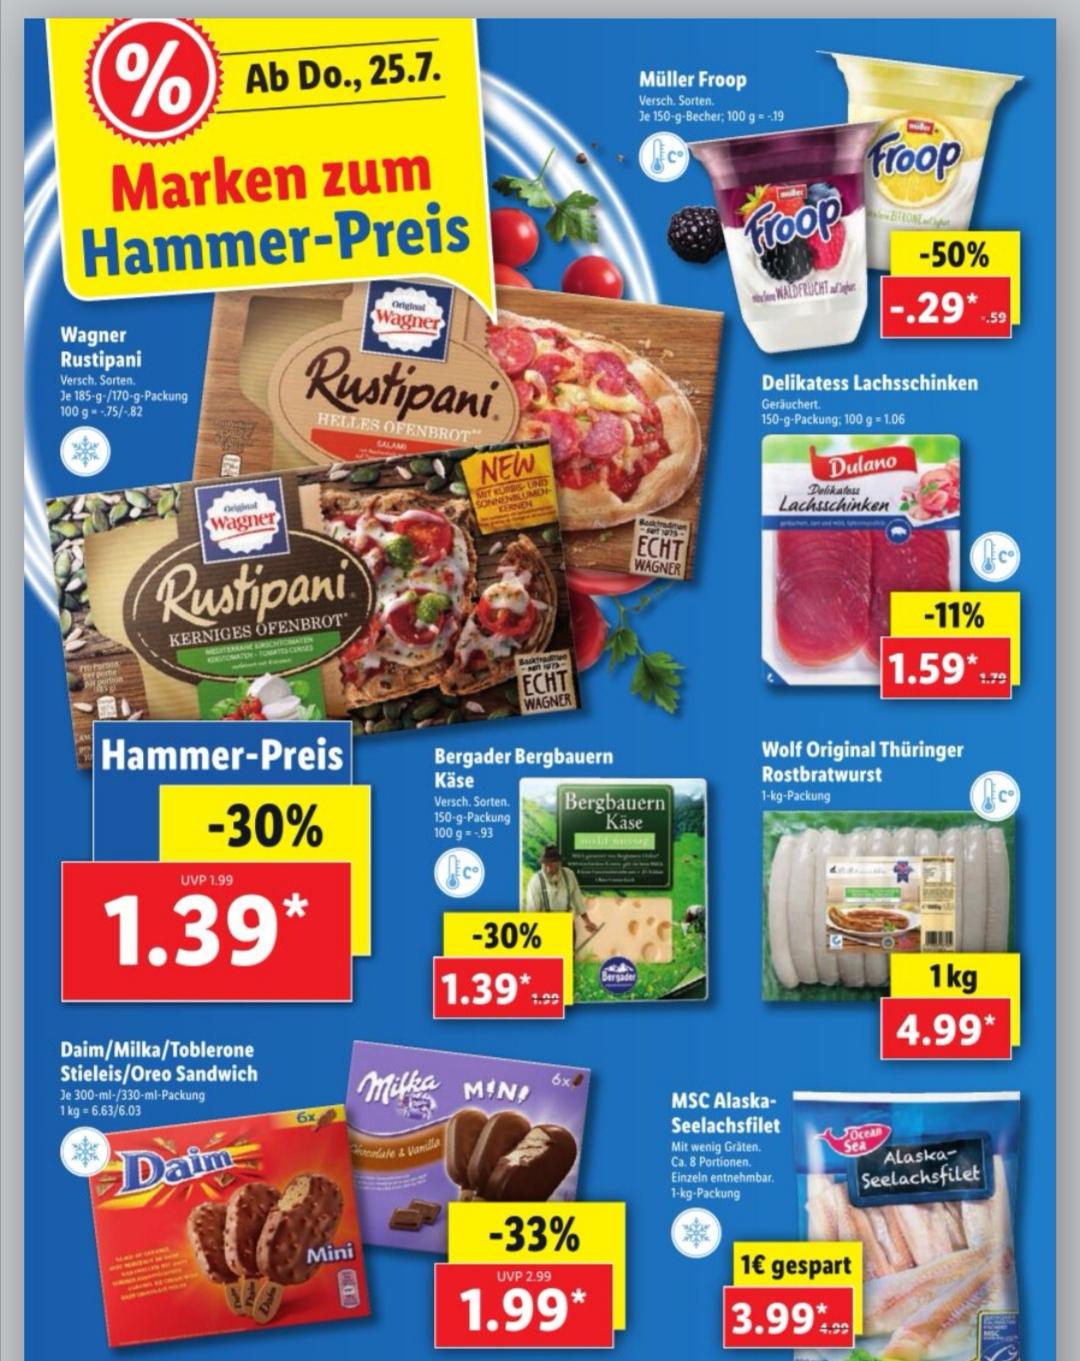 [ Lidl bundesweit ab Donnerstag ] Wagner Rustipani für effektiv 0,89€ (Angebot +Scondoo)